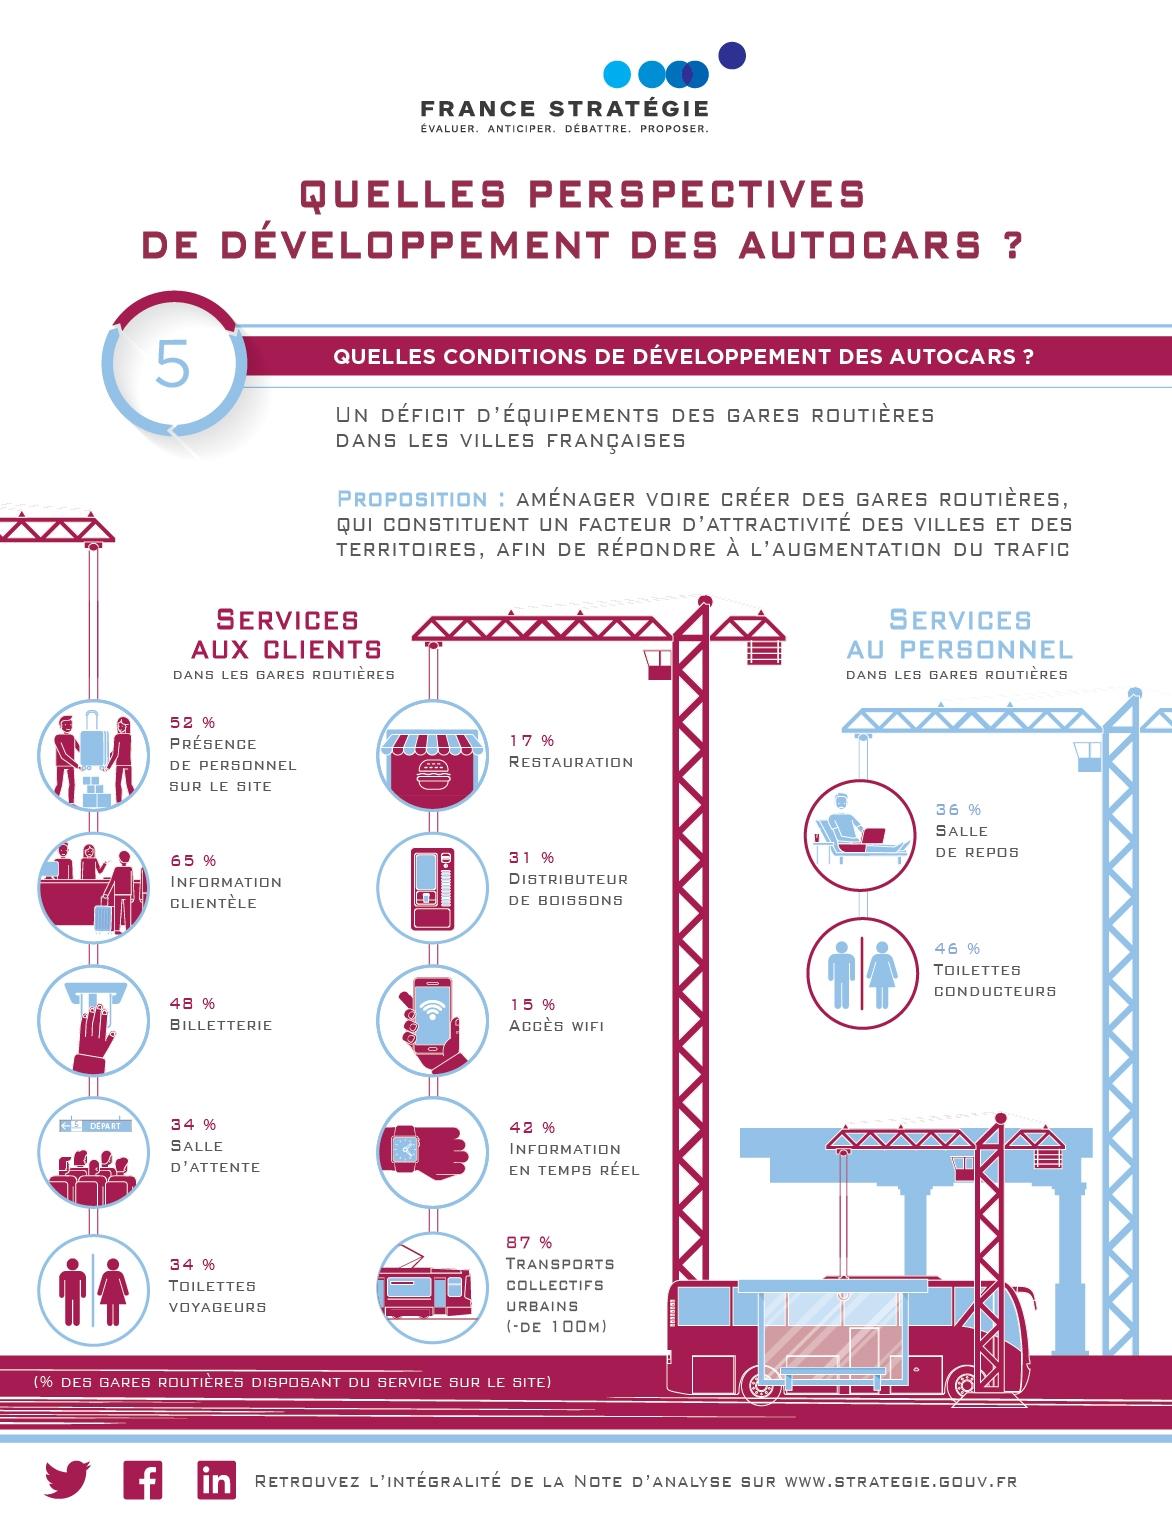 Perspectives de développement des autocars - 3